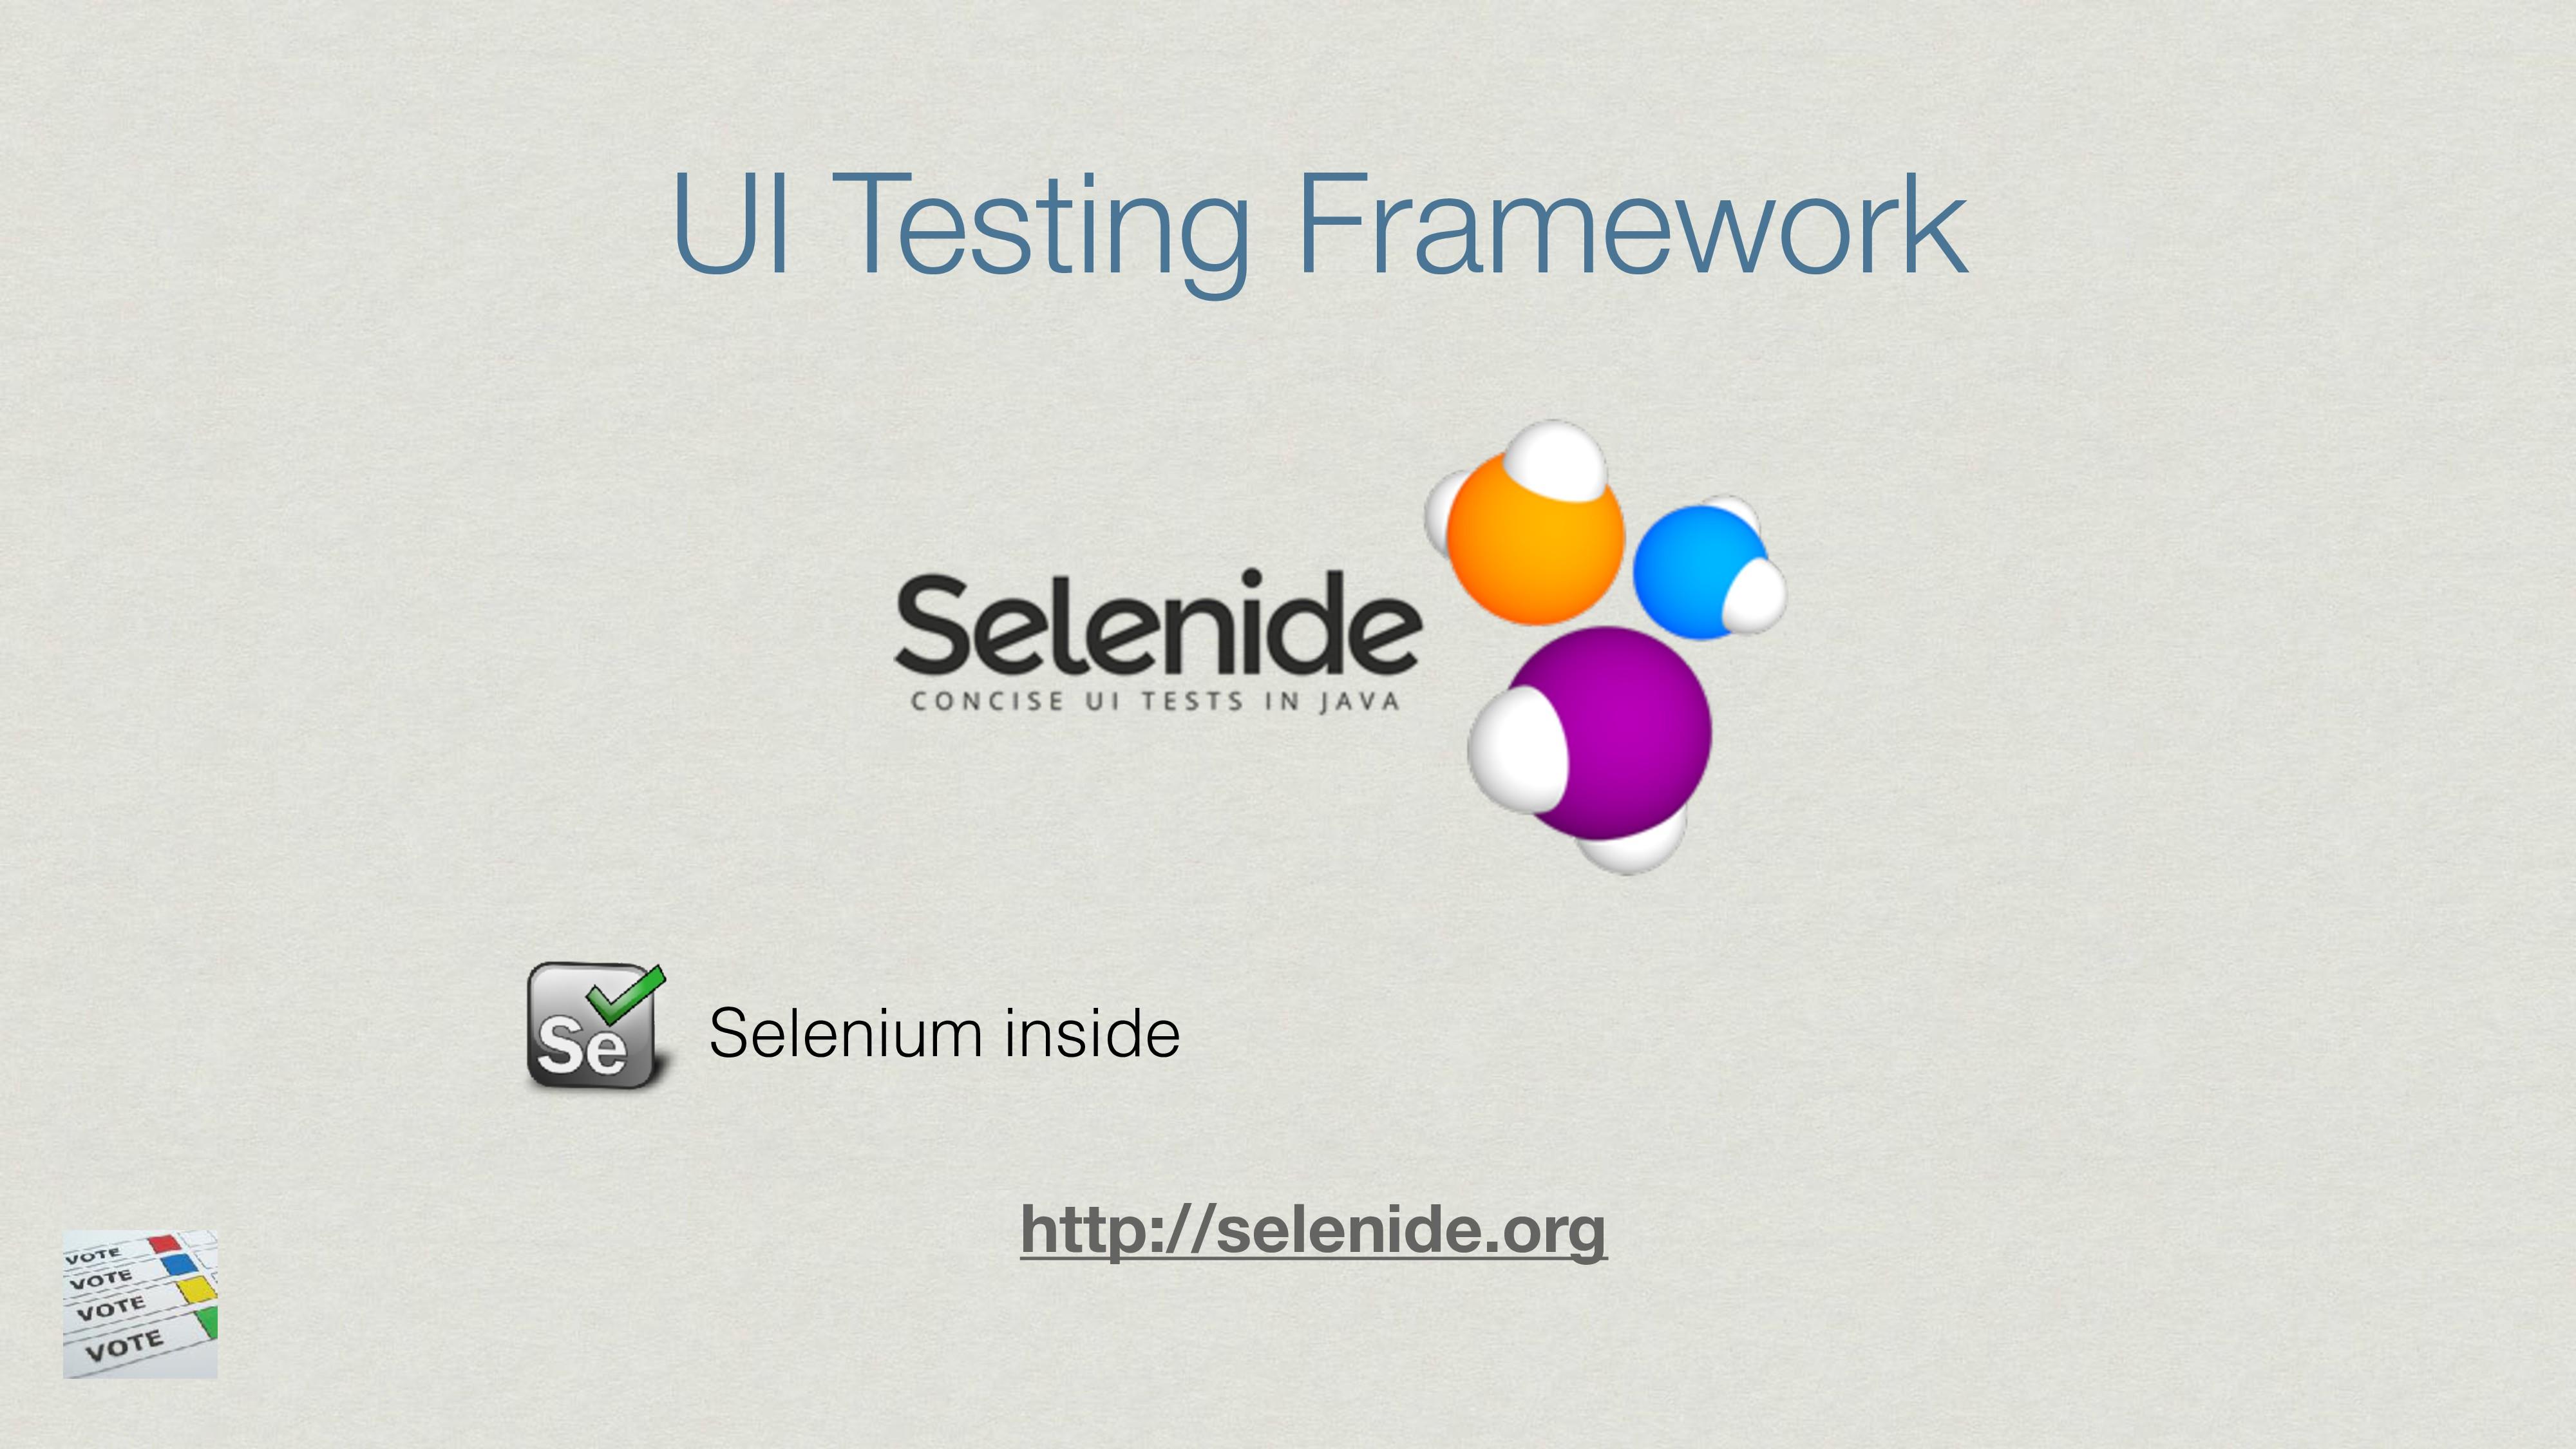 http://selenide.org Selenium inside UI Testing ...